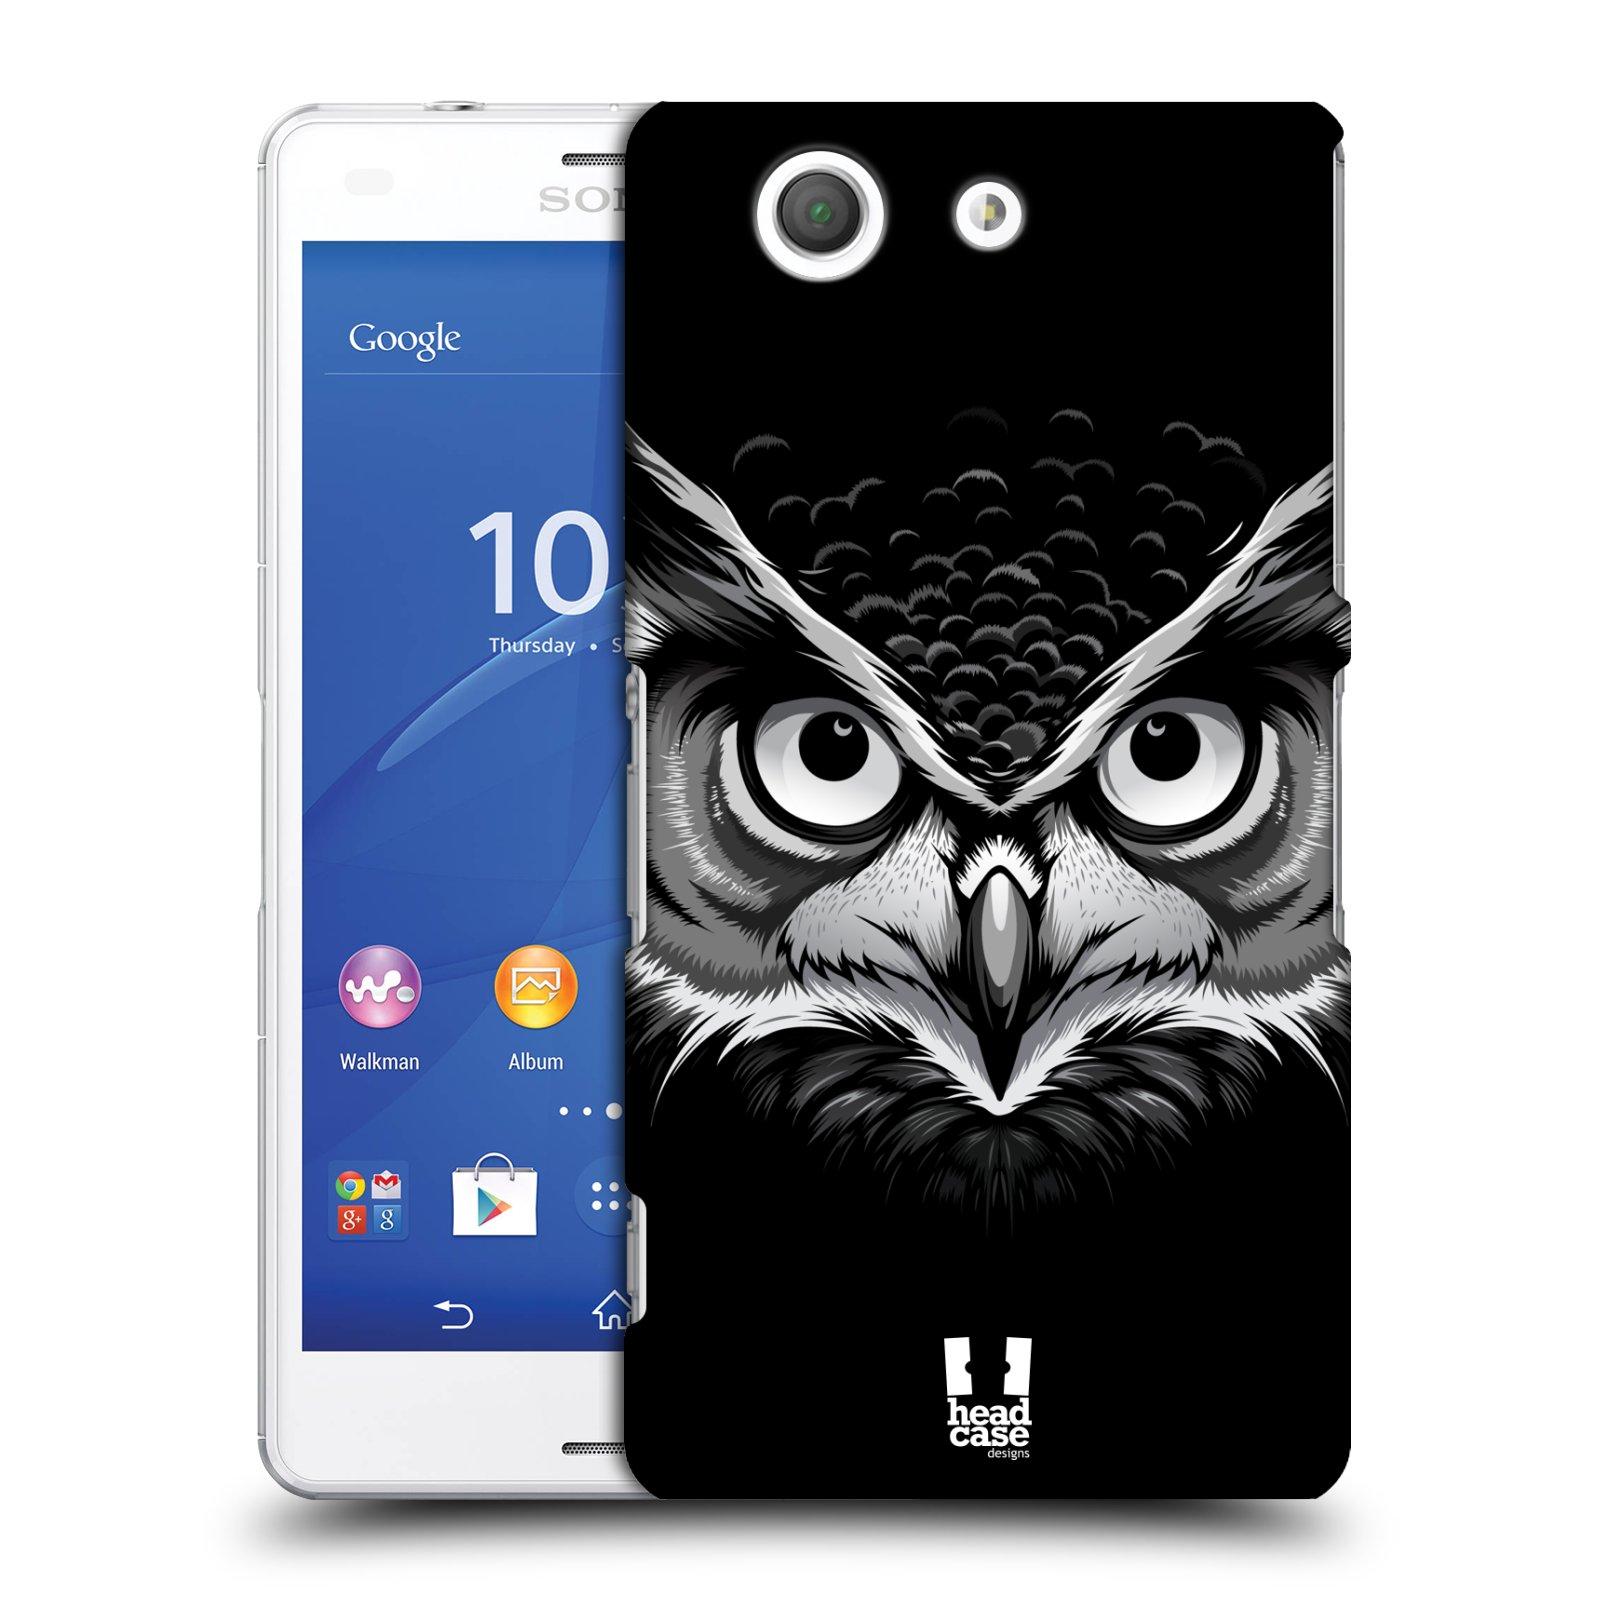 Plastové pouzdro na mobil Sony Xperia Z3 Compact D5803 HEAD CASE ILUSTROVANÁ SOVA